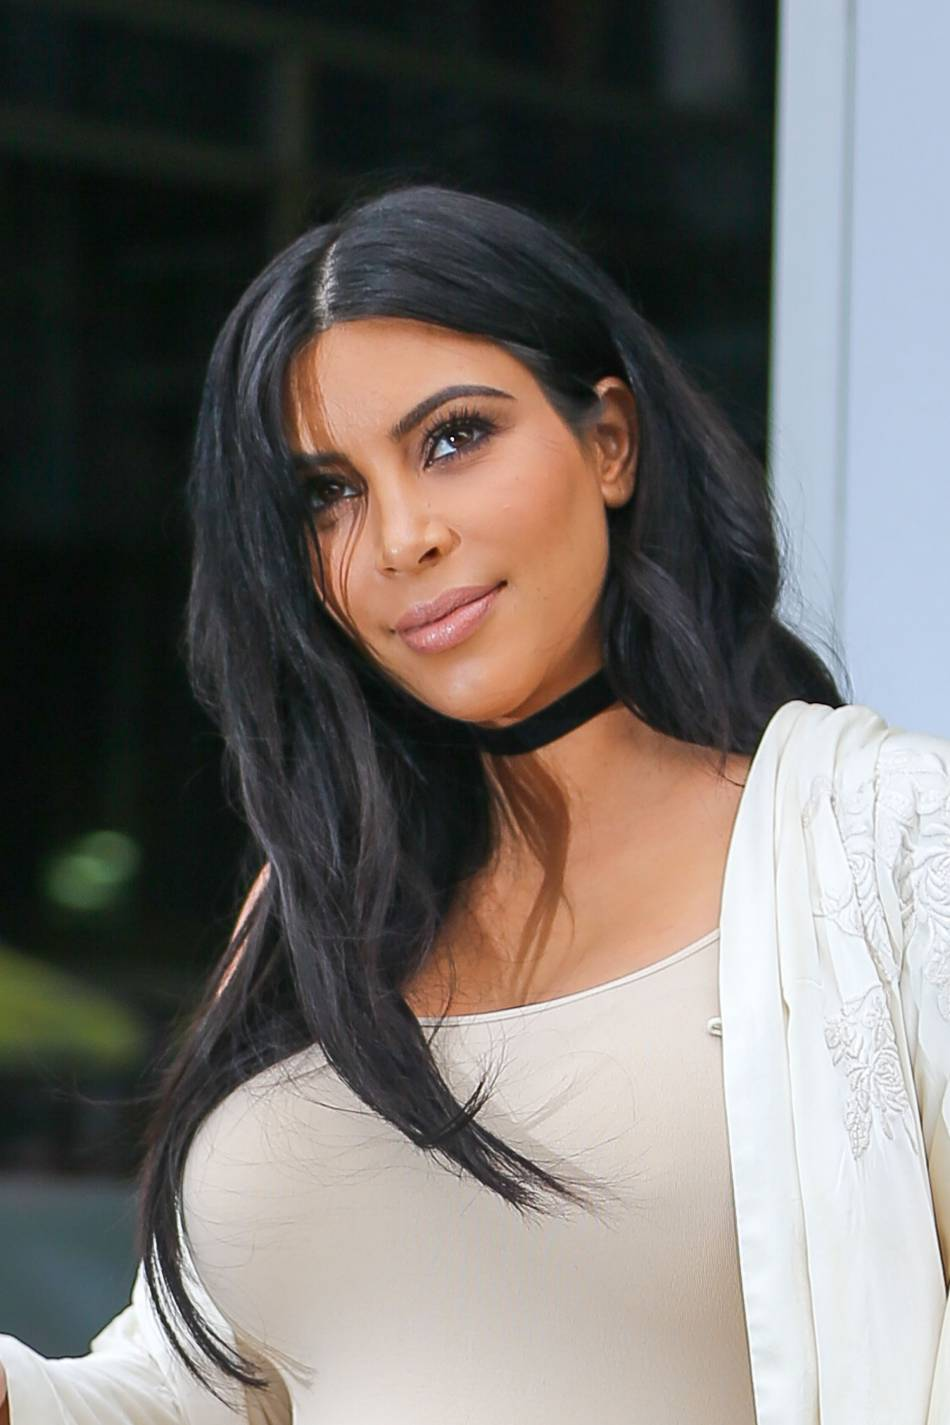 Kim Kardashian dort sans se démaquiller pour ne pas avoir à se remaquiller le lendemain. A voir la dose qu'elle met, on peut la comprendre.